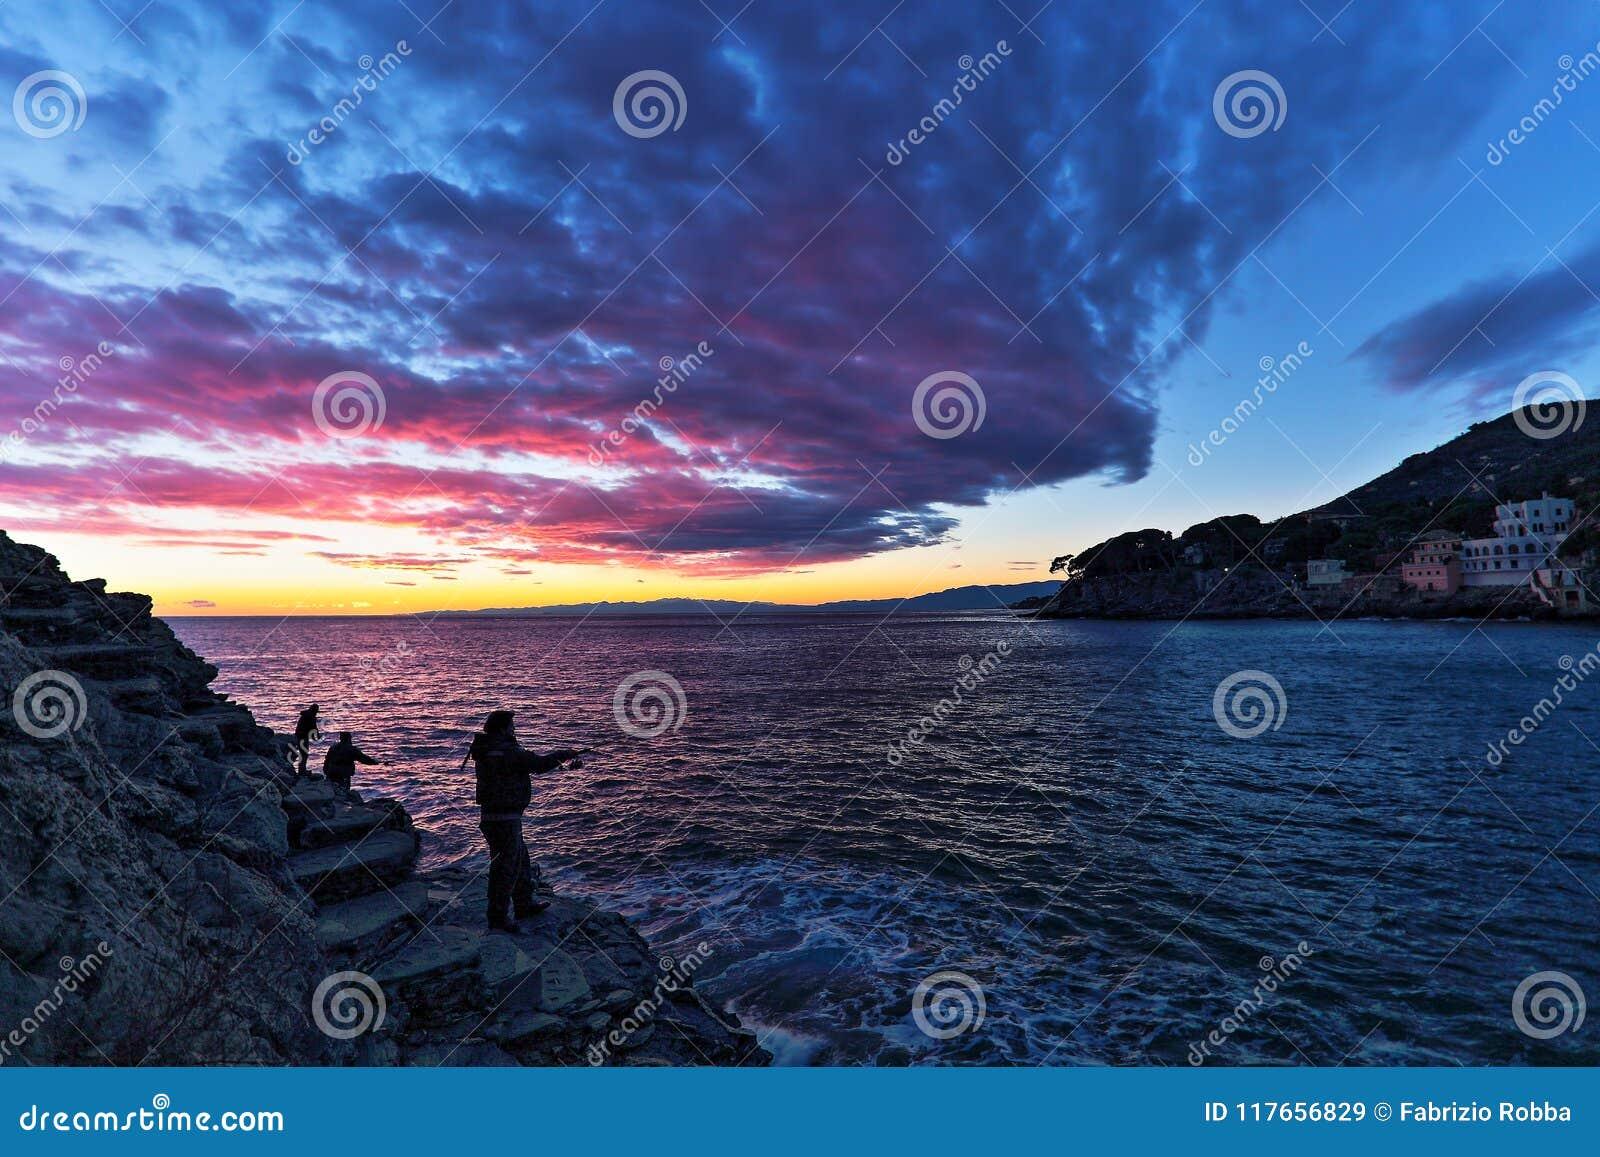 Rybacy pod pięknym niebem po zmierzchu, Włochy